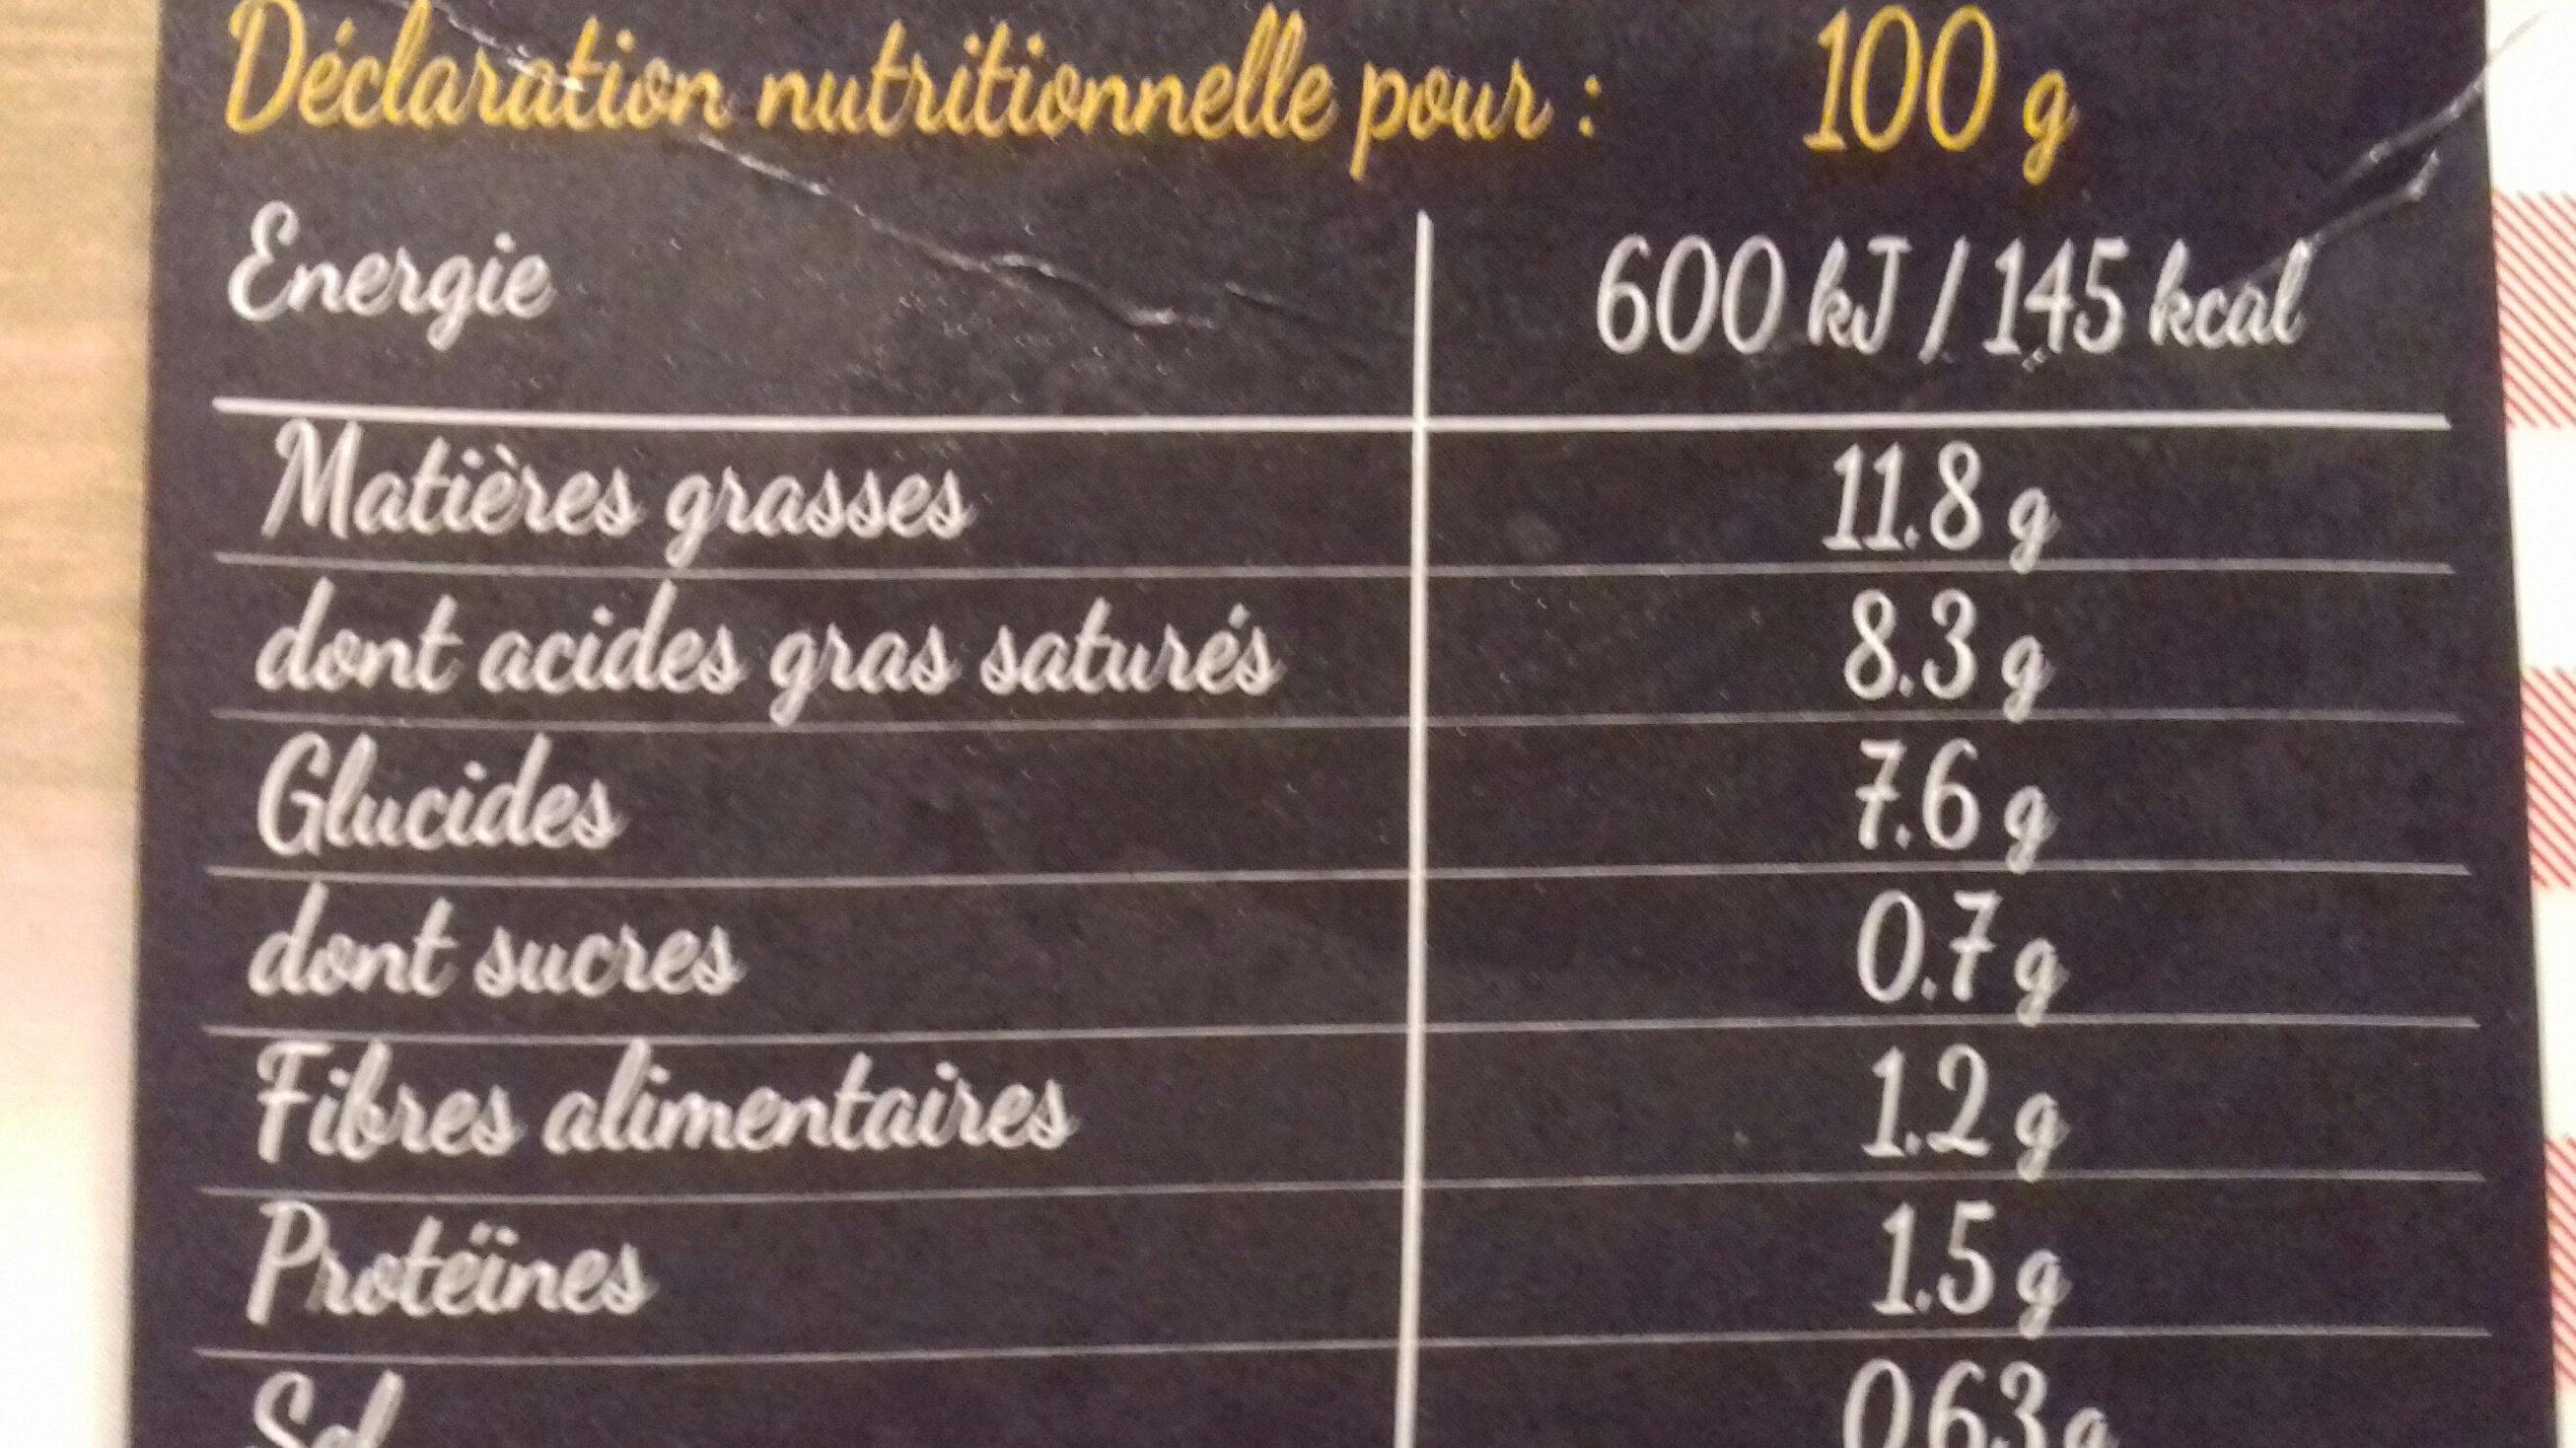 Écrase de pomme de terre façon grand mère - Informations nutritionnelles - fr